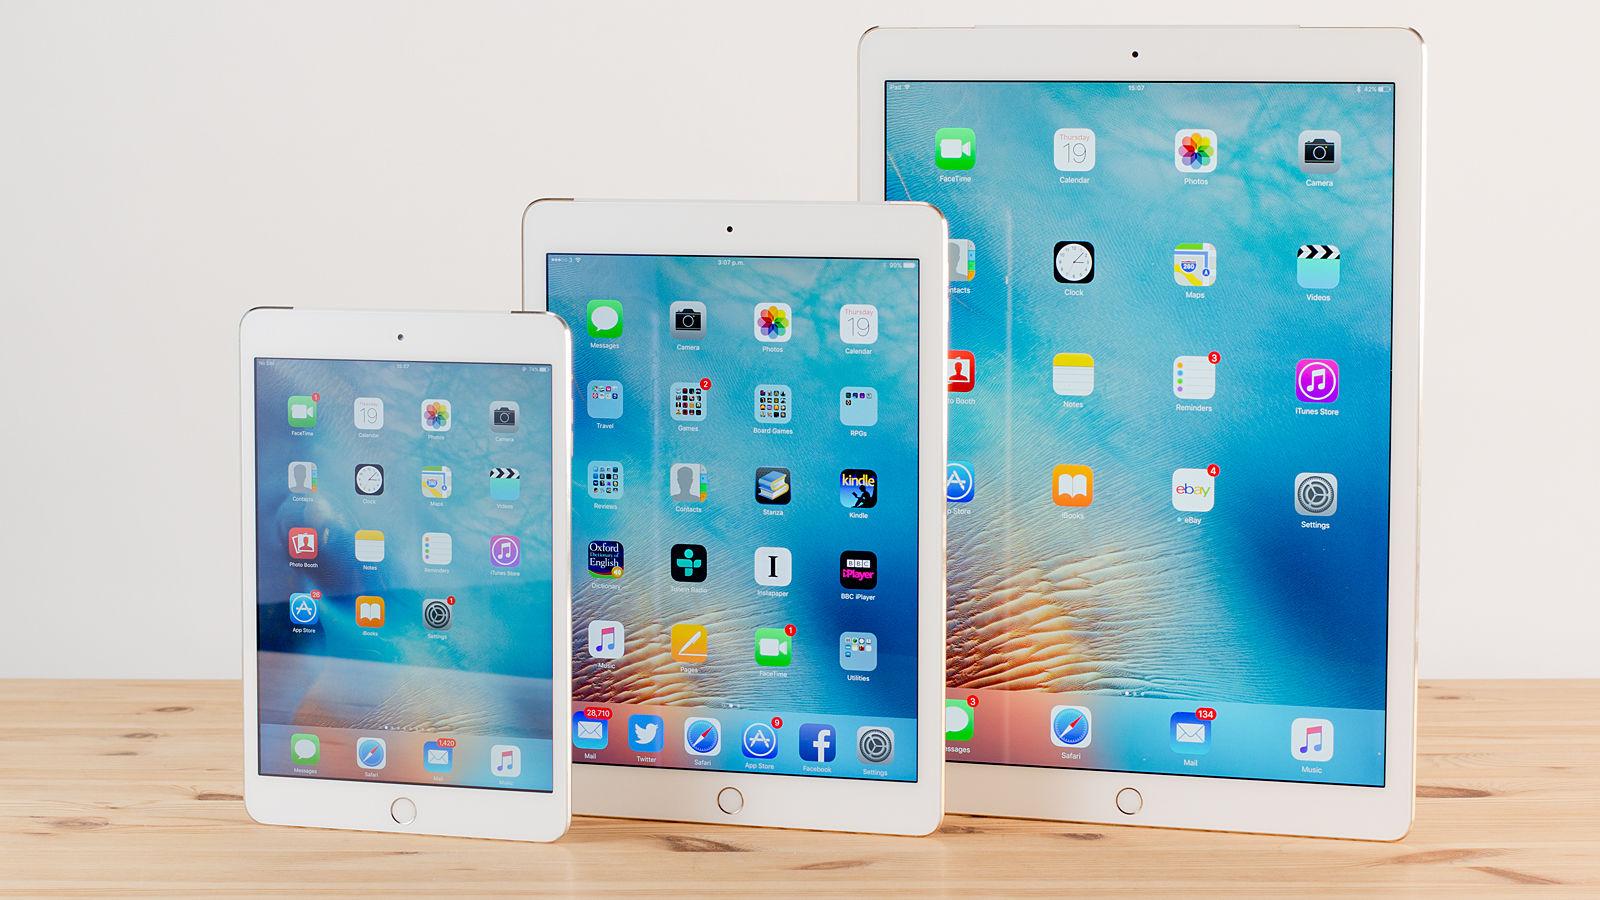 Apple-ը երեք պլանշետ կթողարկի 2017 թվականին